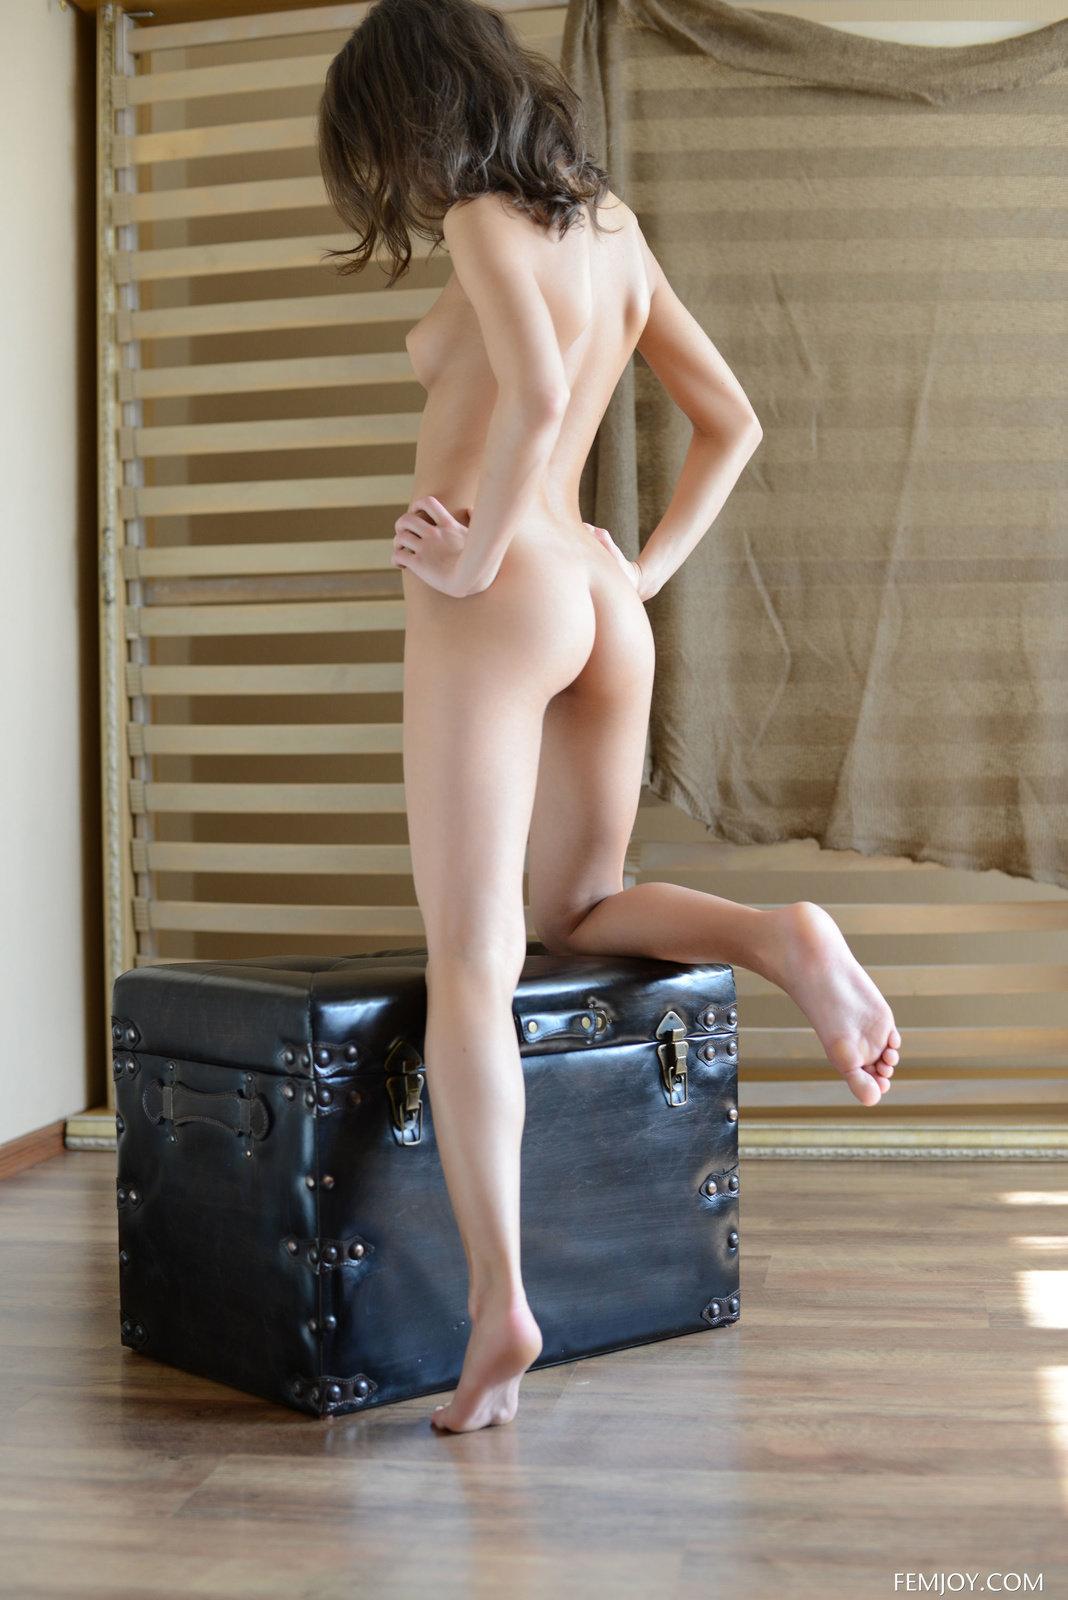 Zdjęcie porno - 15 3 - W czerwonej bieliźnie